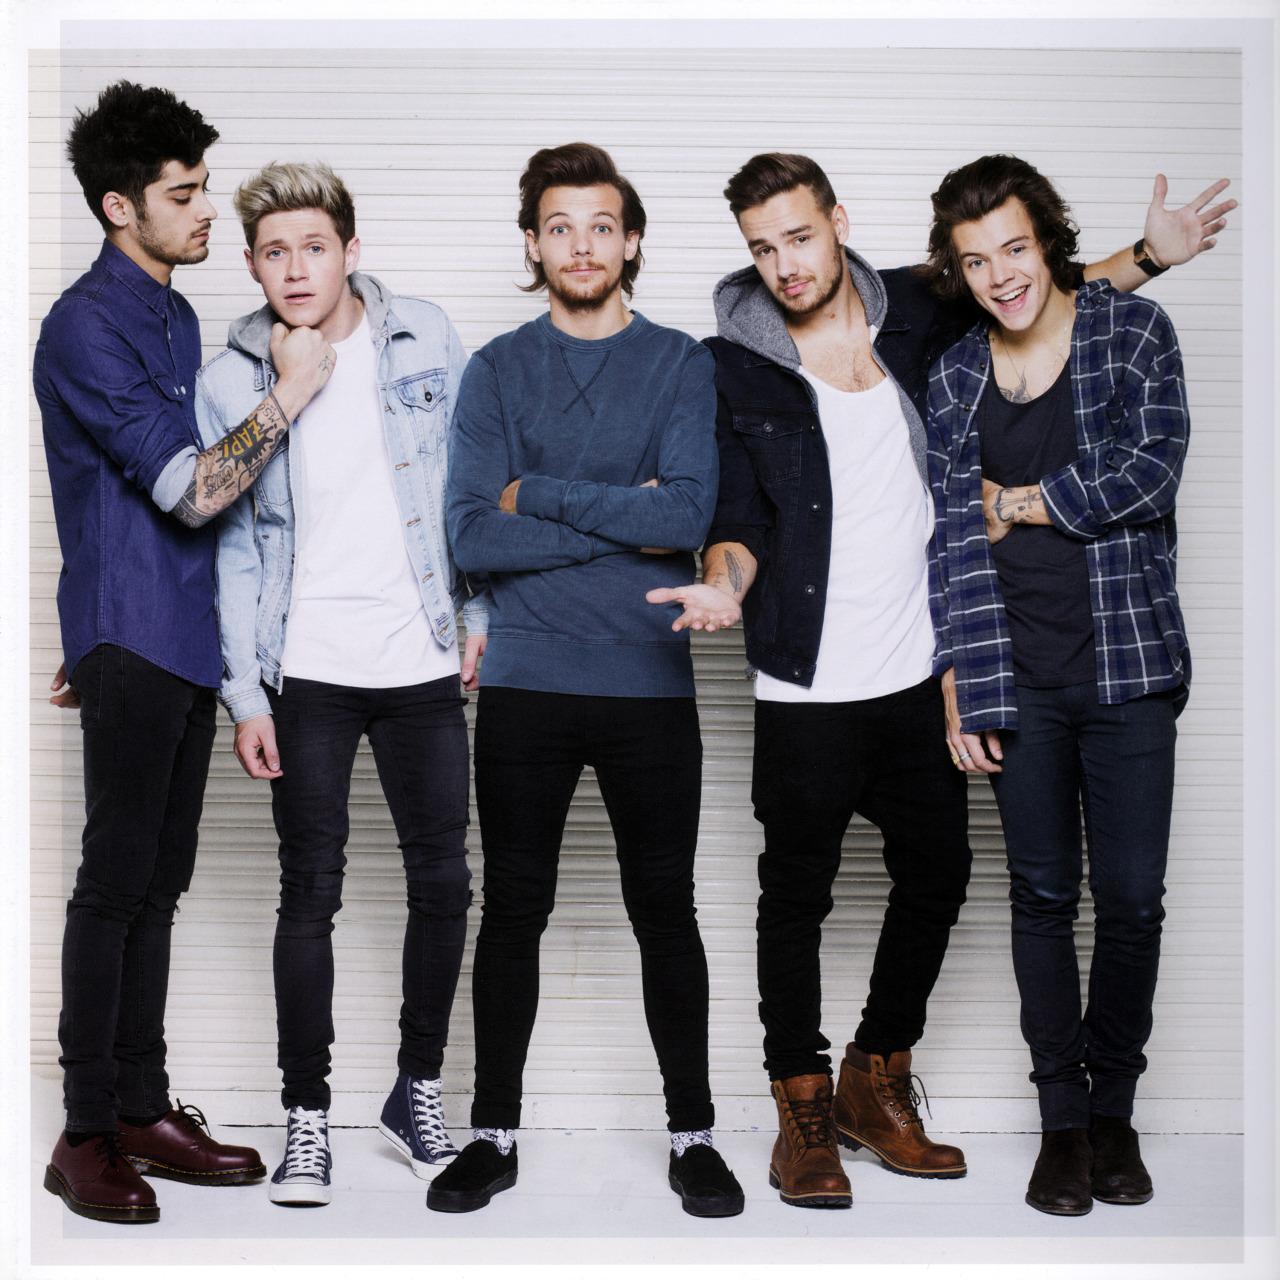 2016 One Direction Wallpaper - WallpaperSafari